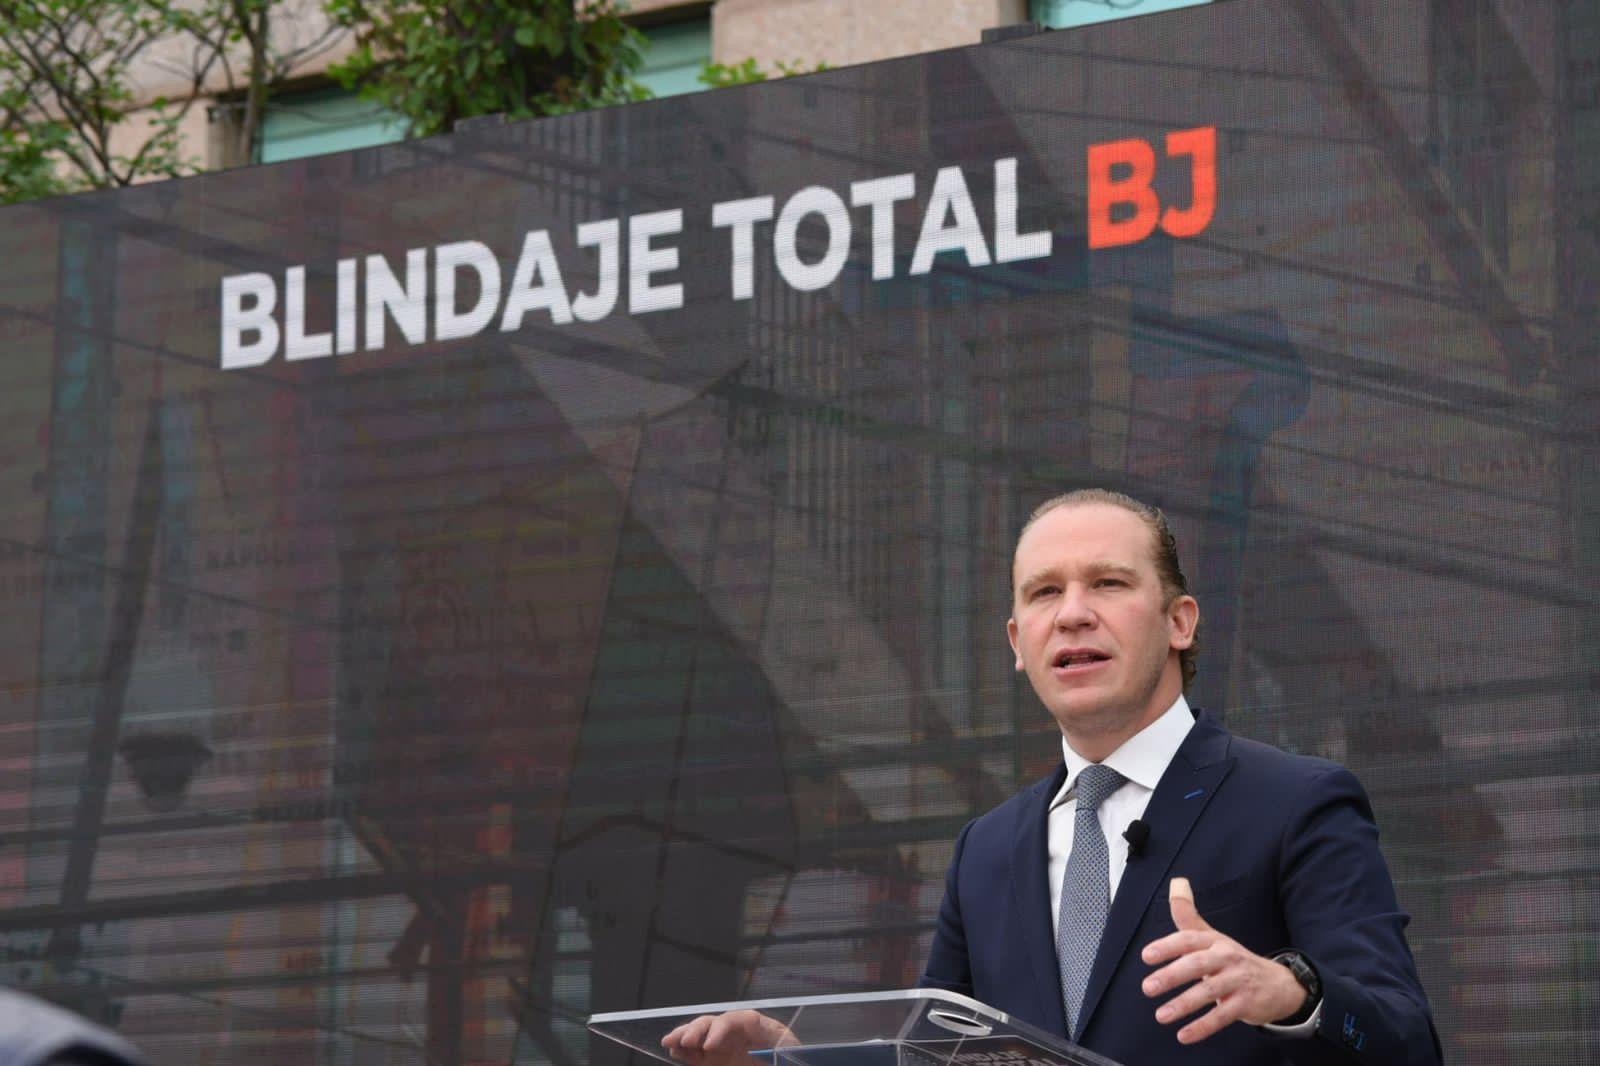 Blindaje Total para BJ propuesta en Seguridad de Santiago Taboada, candidato del PAN a la Alcaldía Benito Juárez